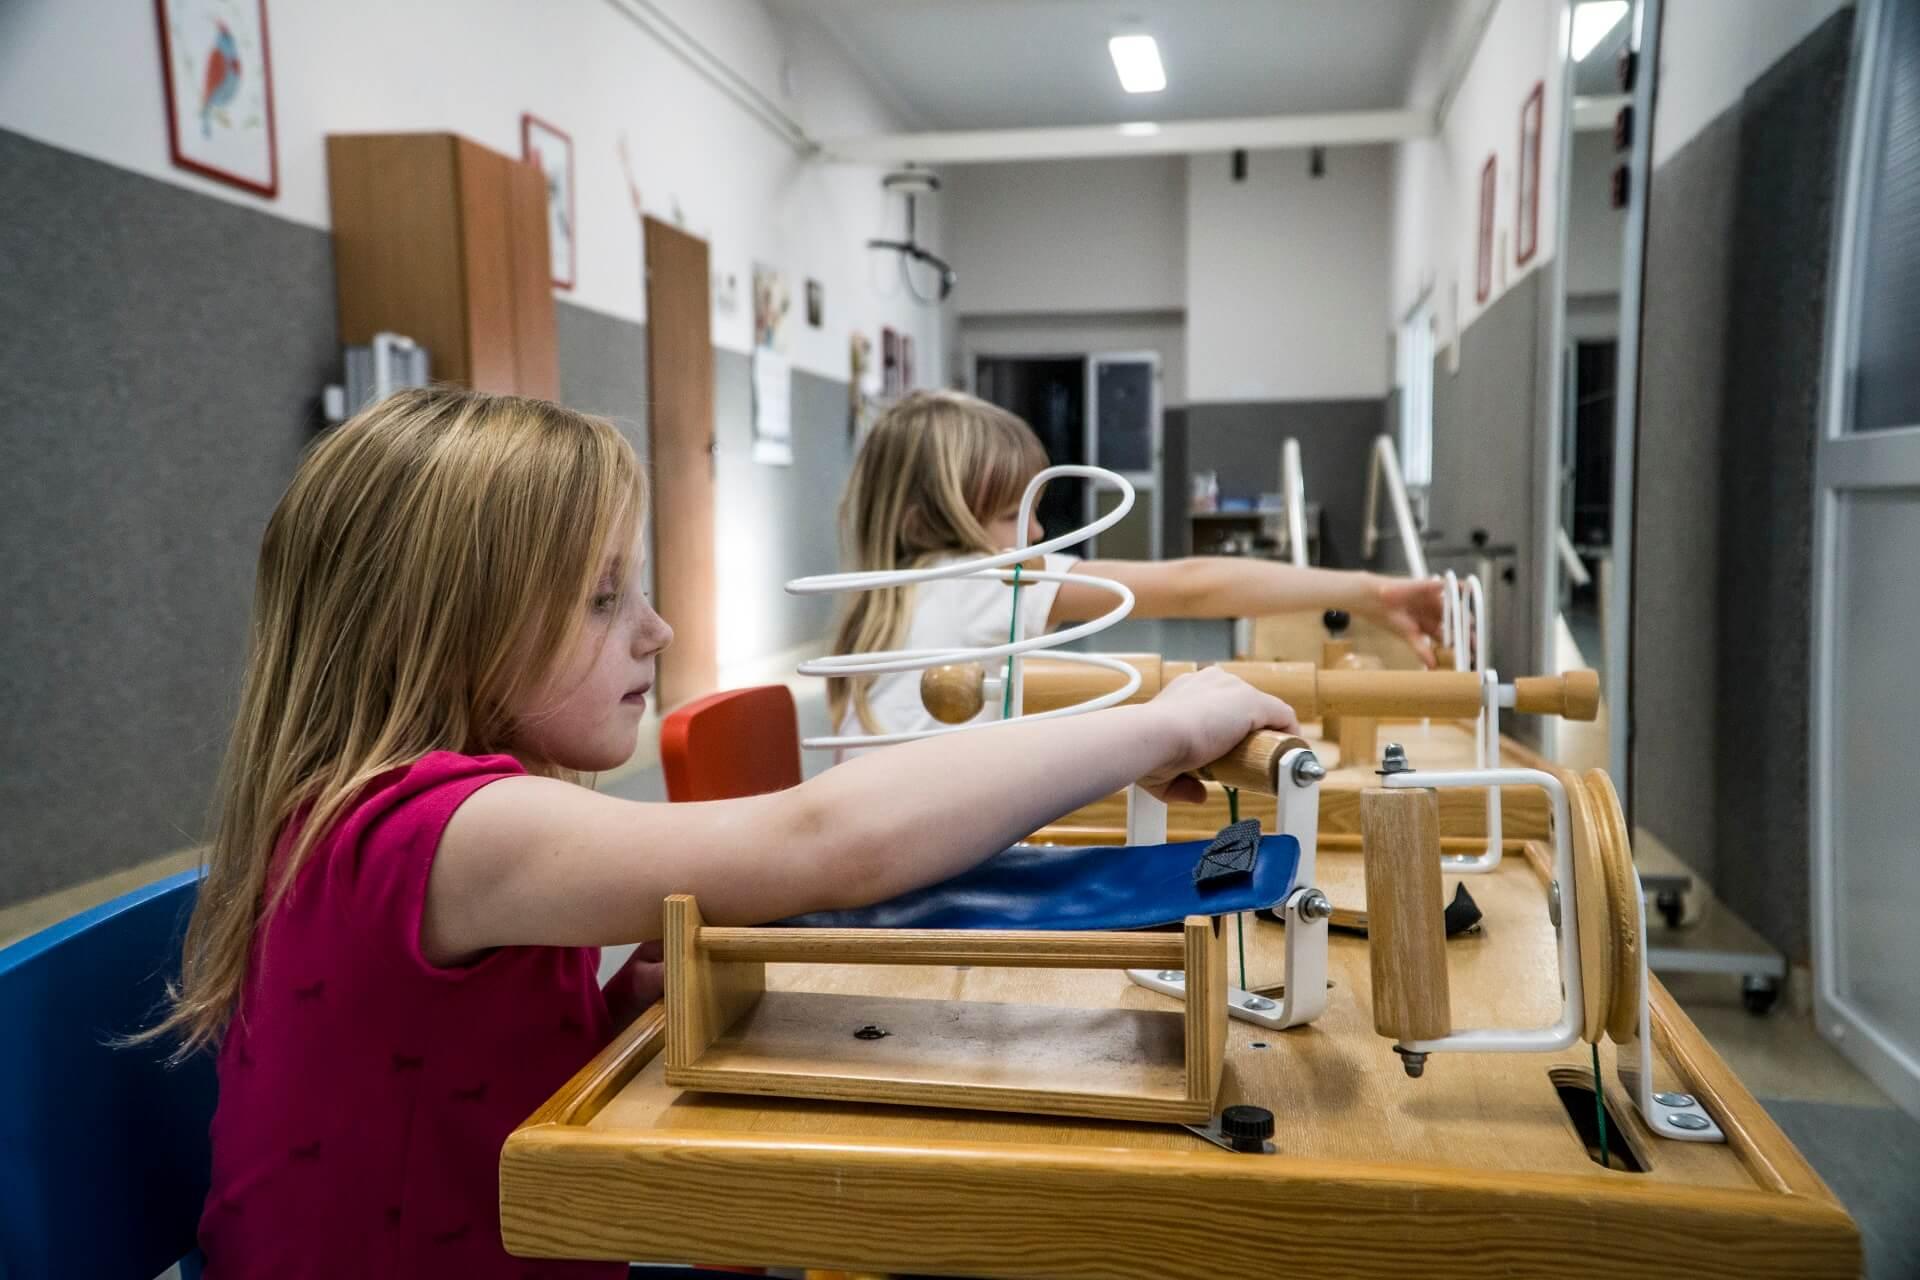 Szpital rehabilitacyjny hematologiczny dla dzieci